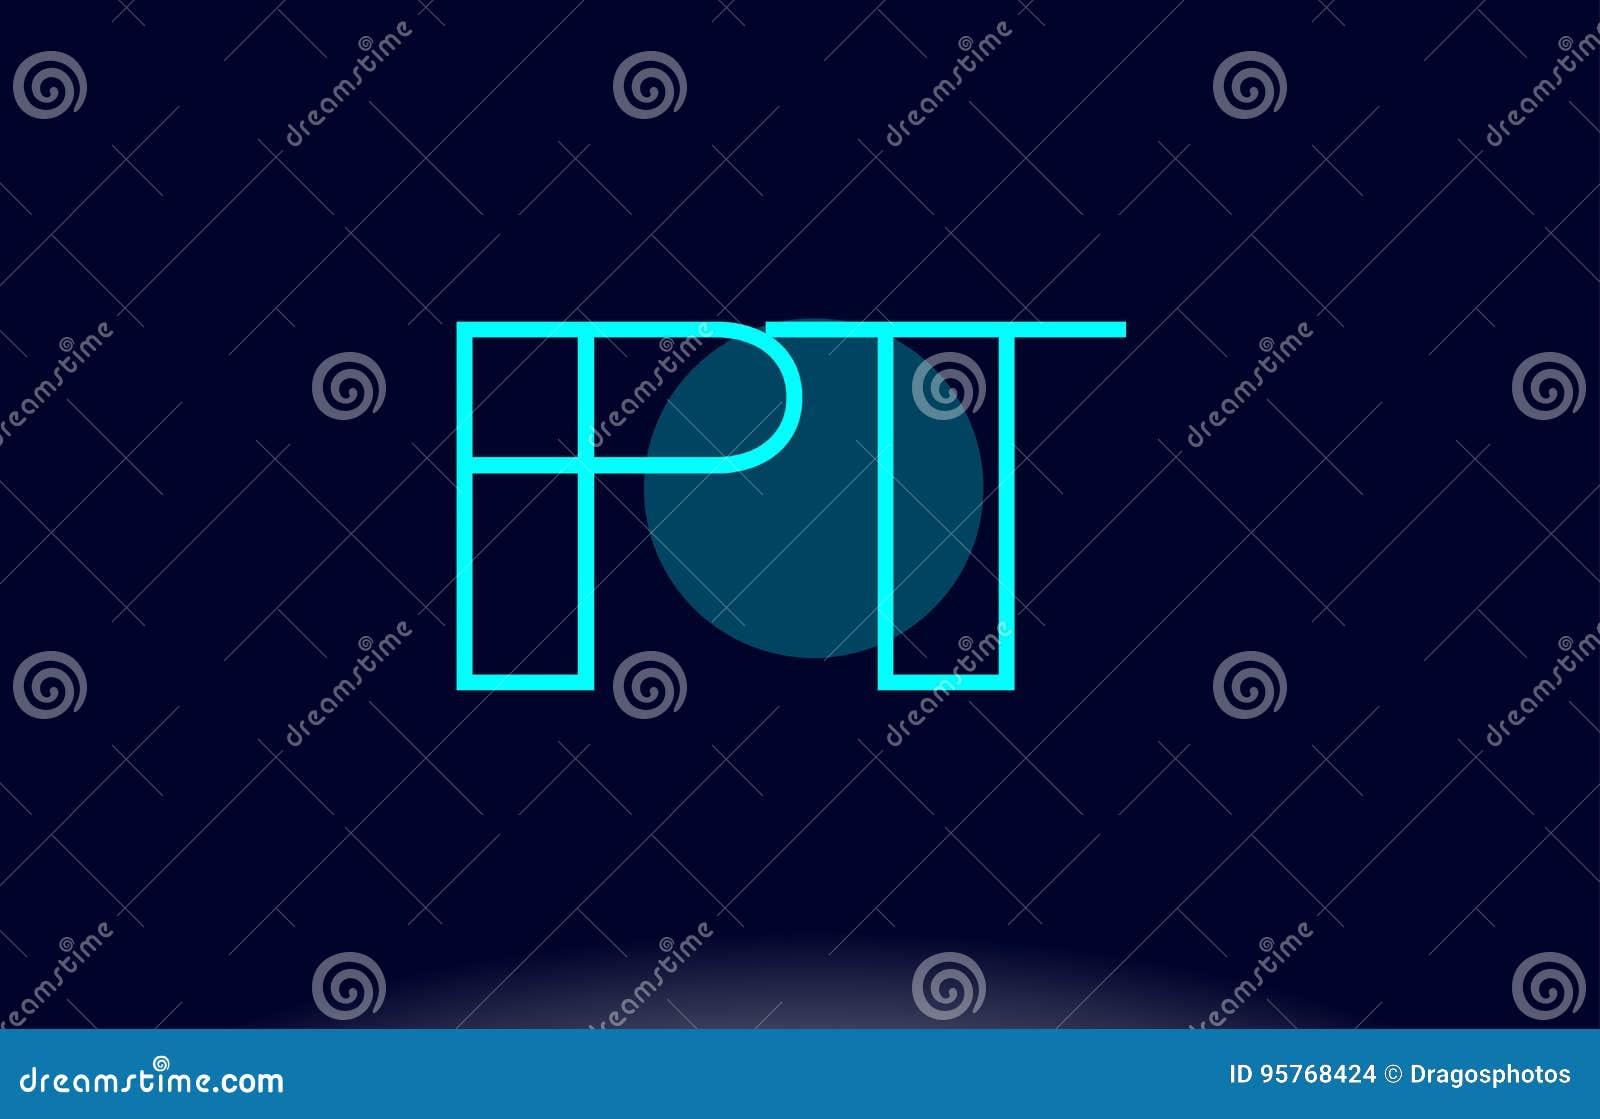 pt p t blue line circle alphabet letter logo icon template vecto